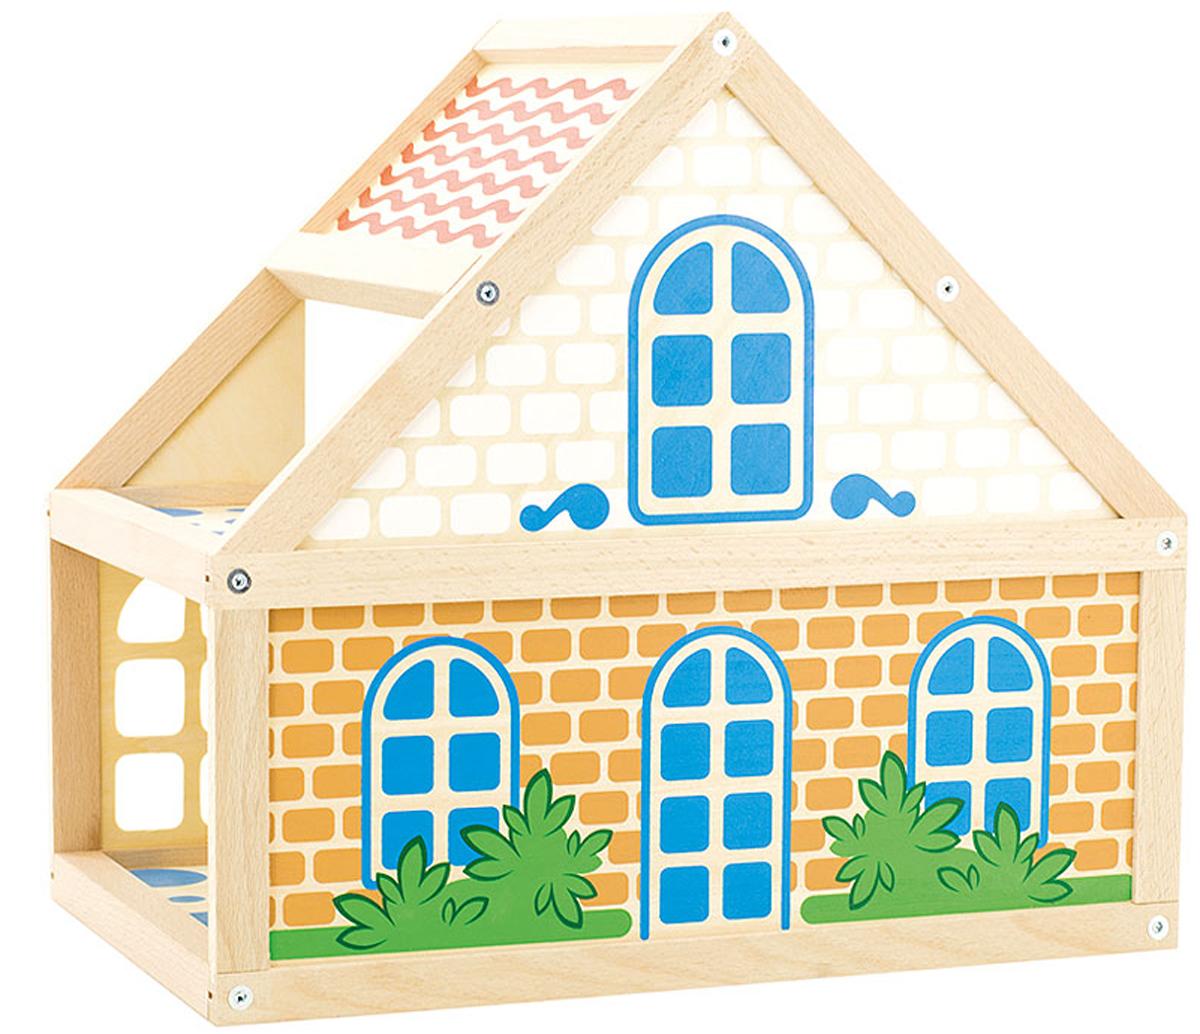 Игрушки из дерева Кукольный дом кукольный домик из картона четыре комнаты картонный папа